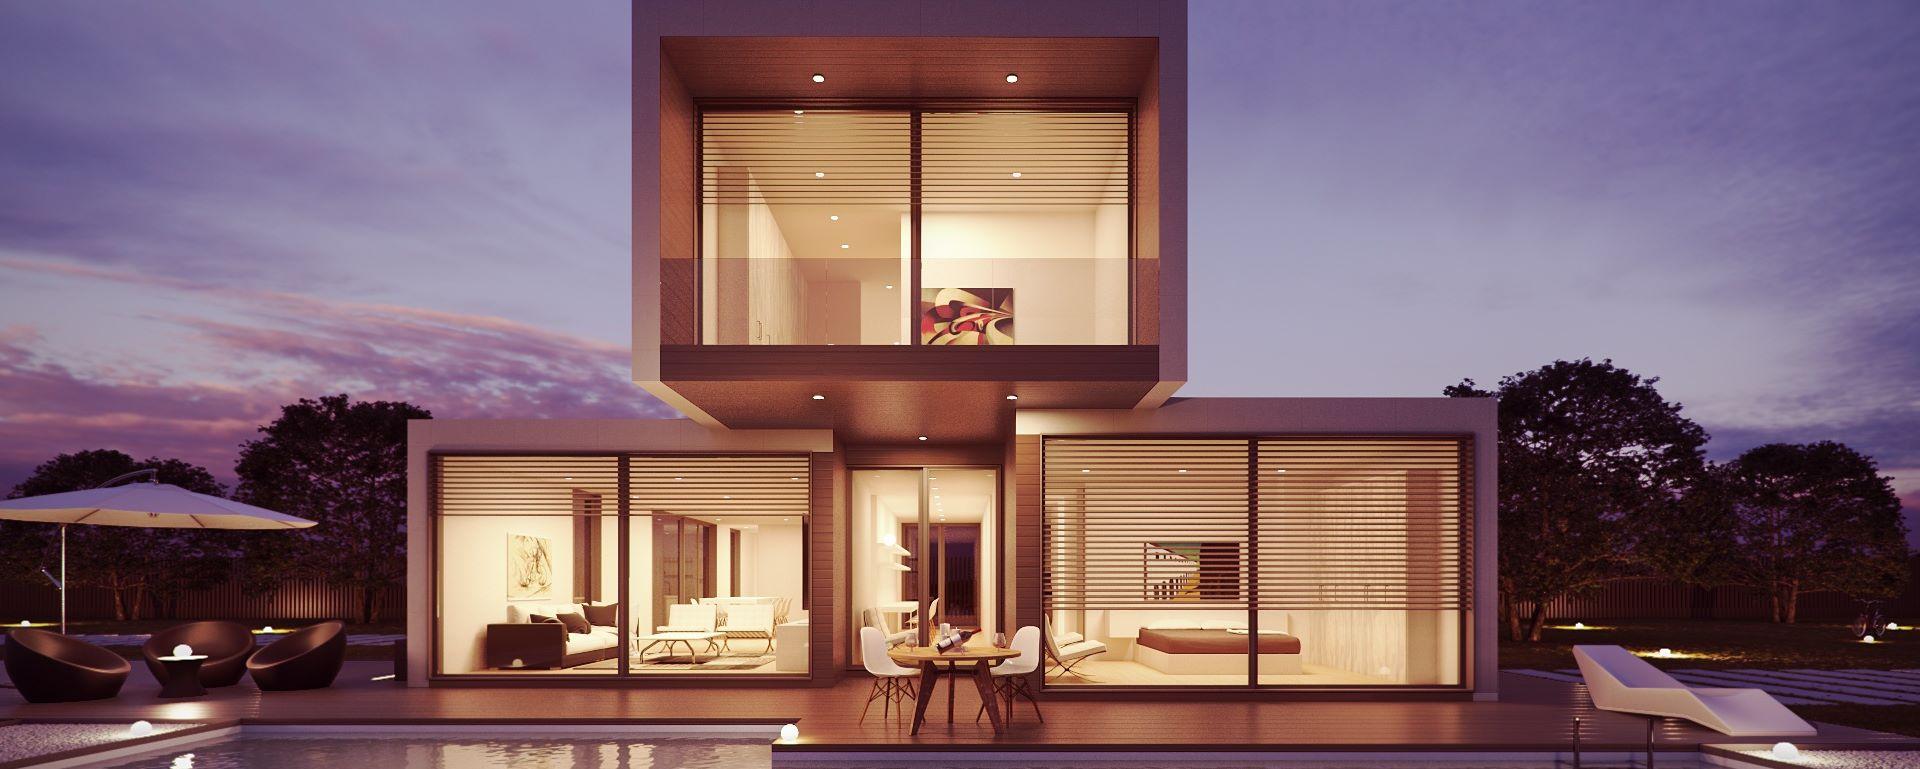 Viviamo Immobilien in Wels - Immobilien für Menschen